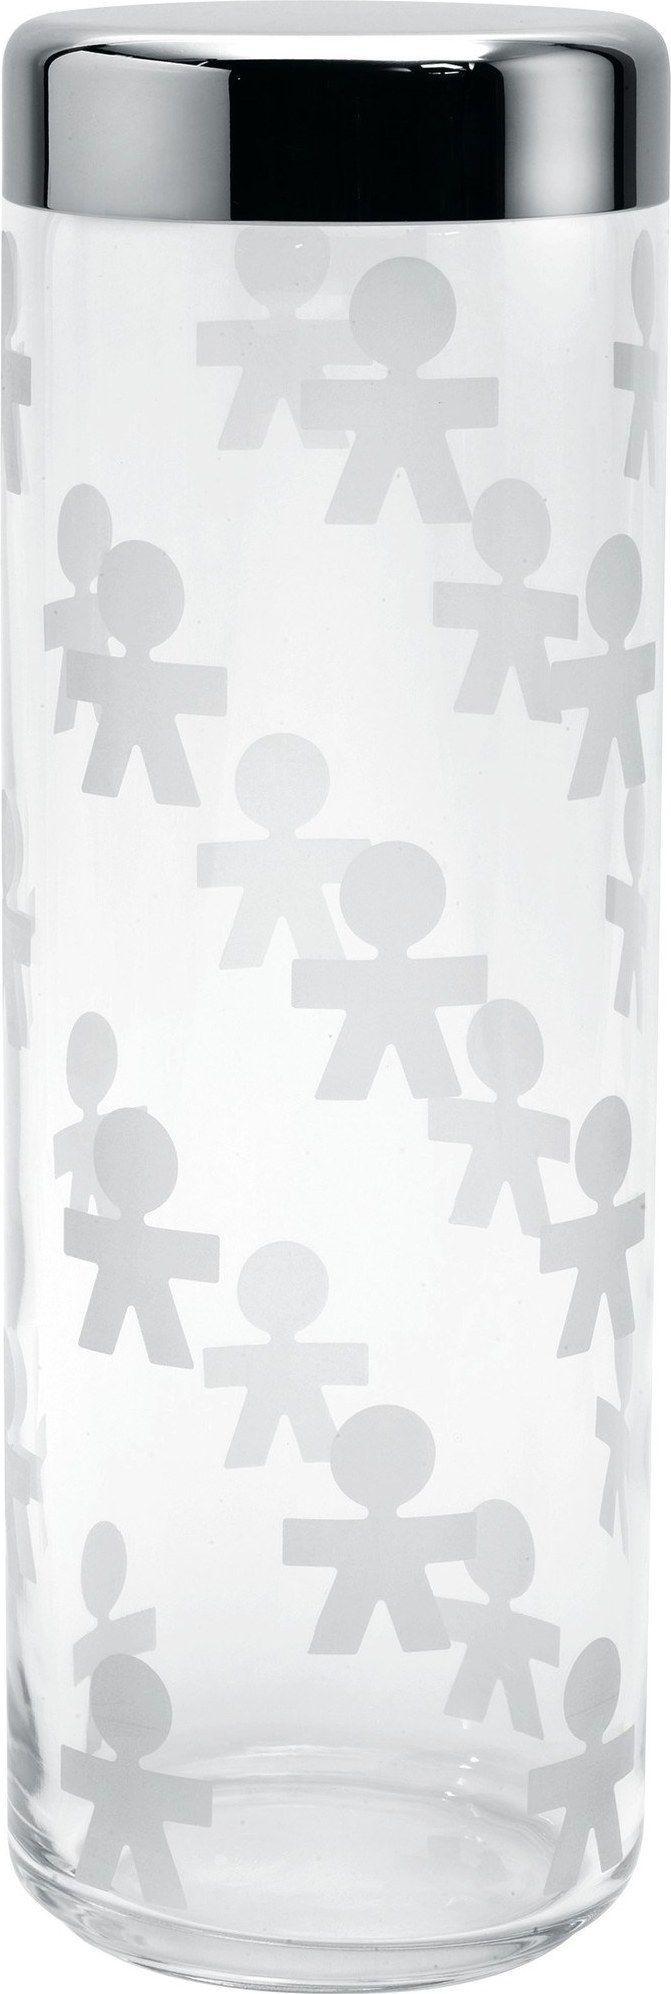 Alessi Słoik szklany z hermetyczną stalową pokrywką 2,25l 1